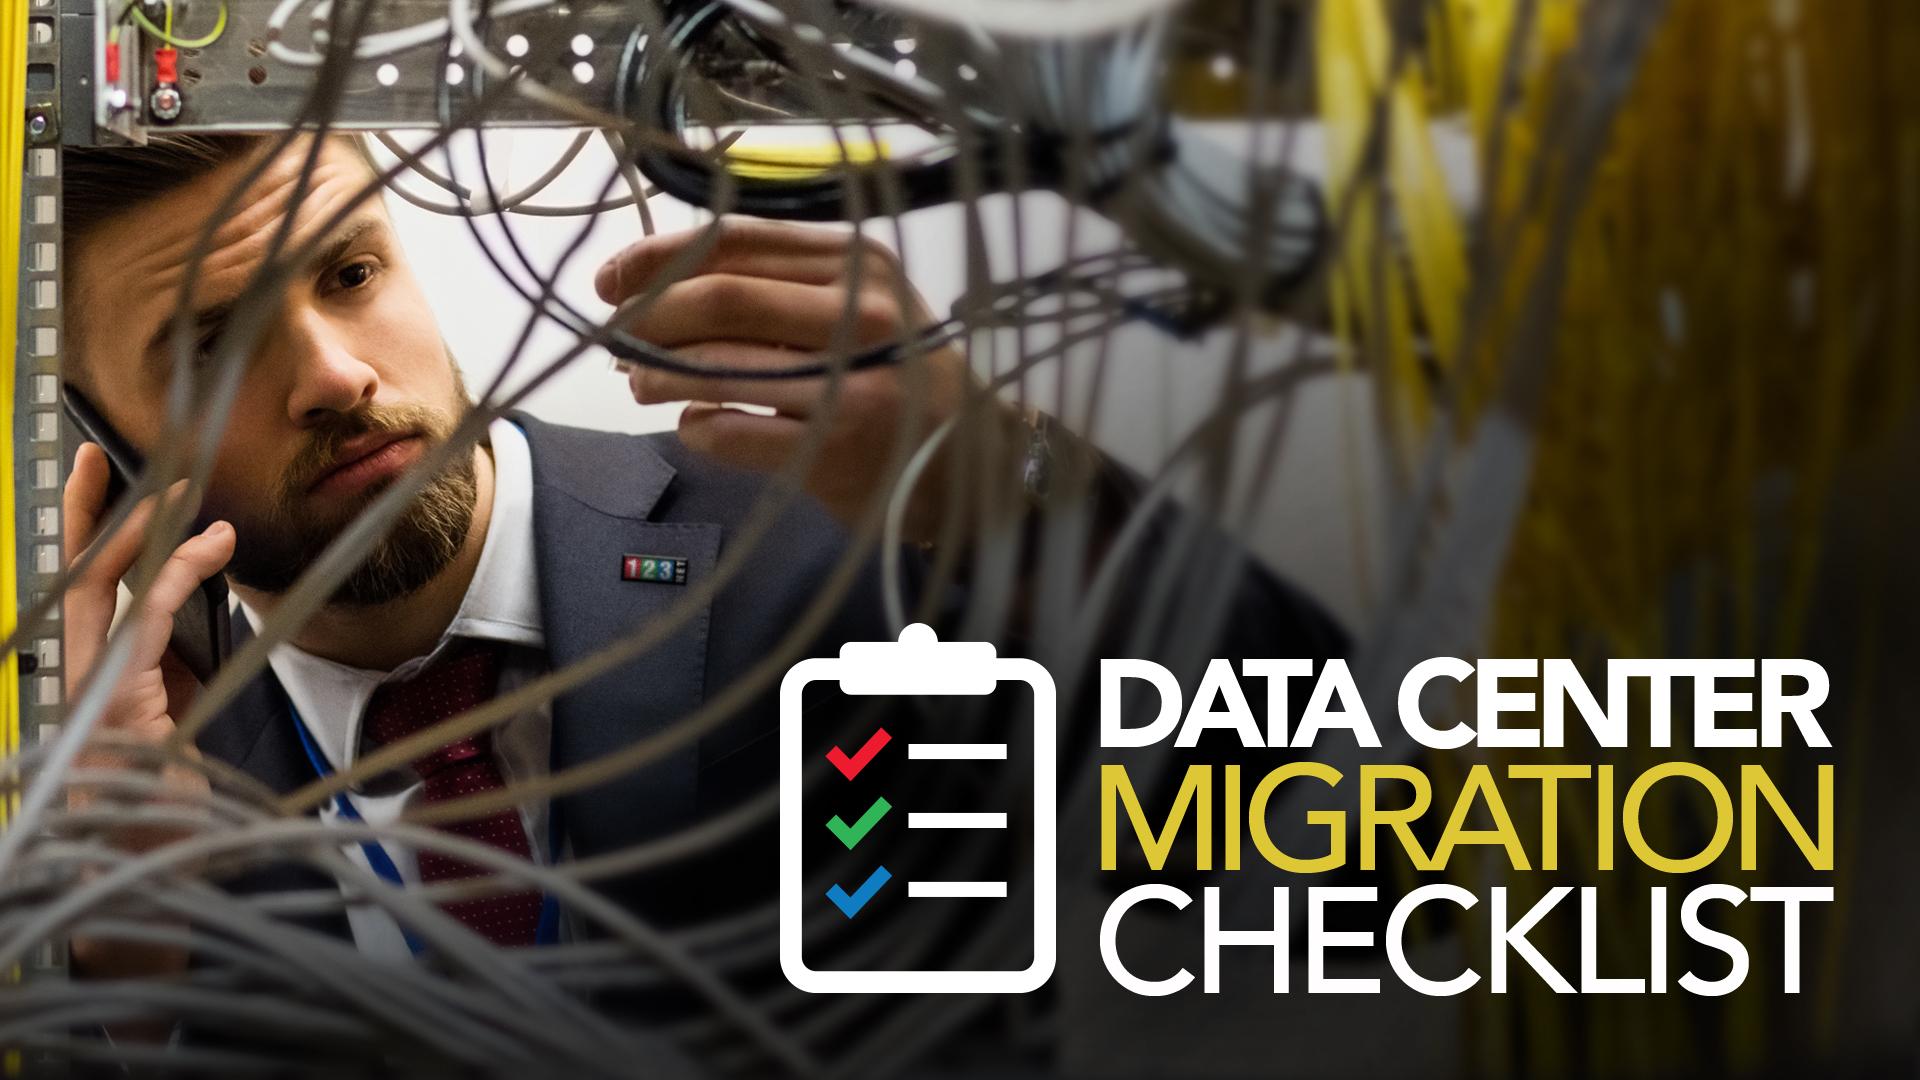 123NET Data Center Migration Checklist